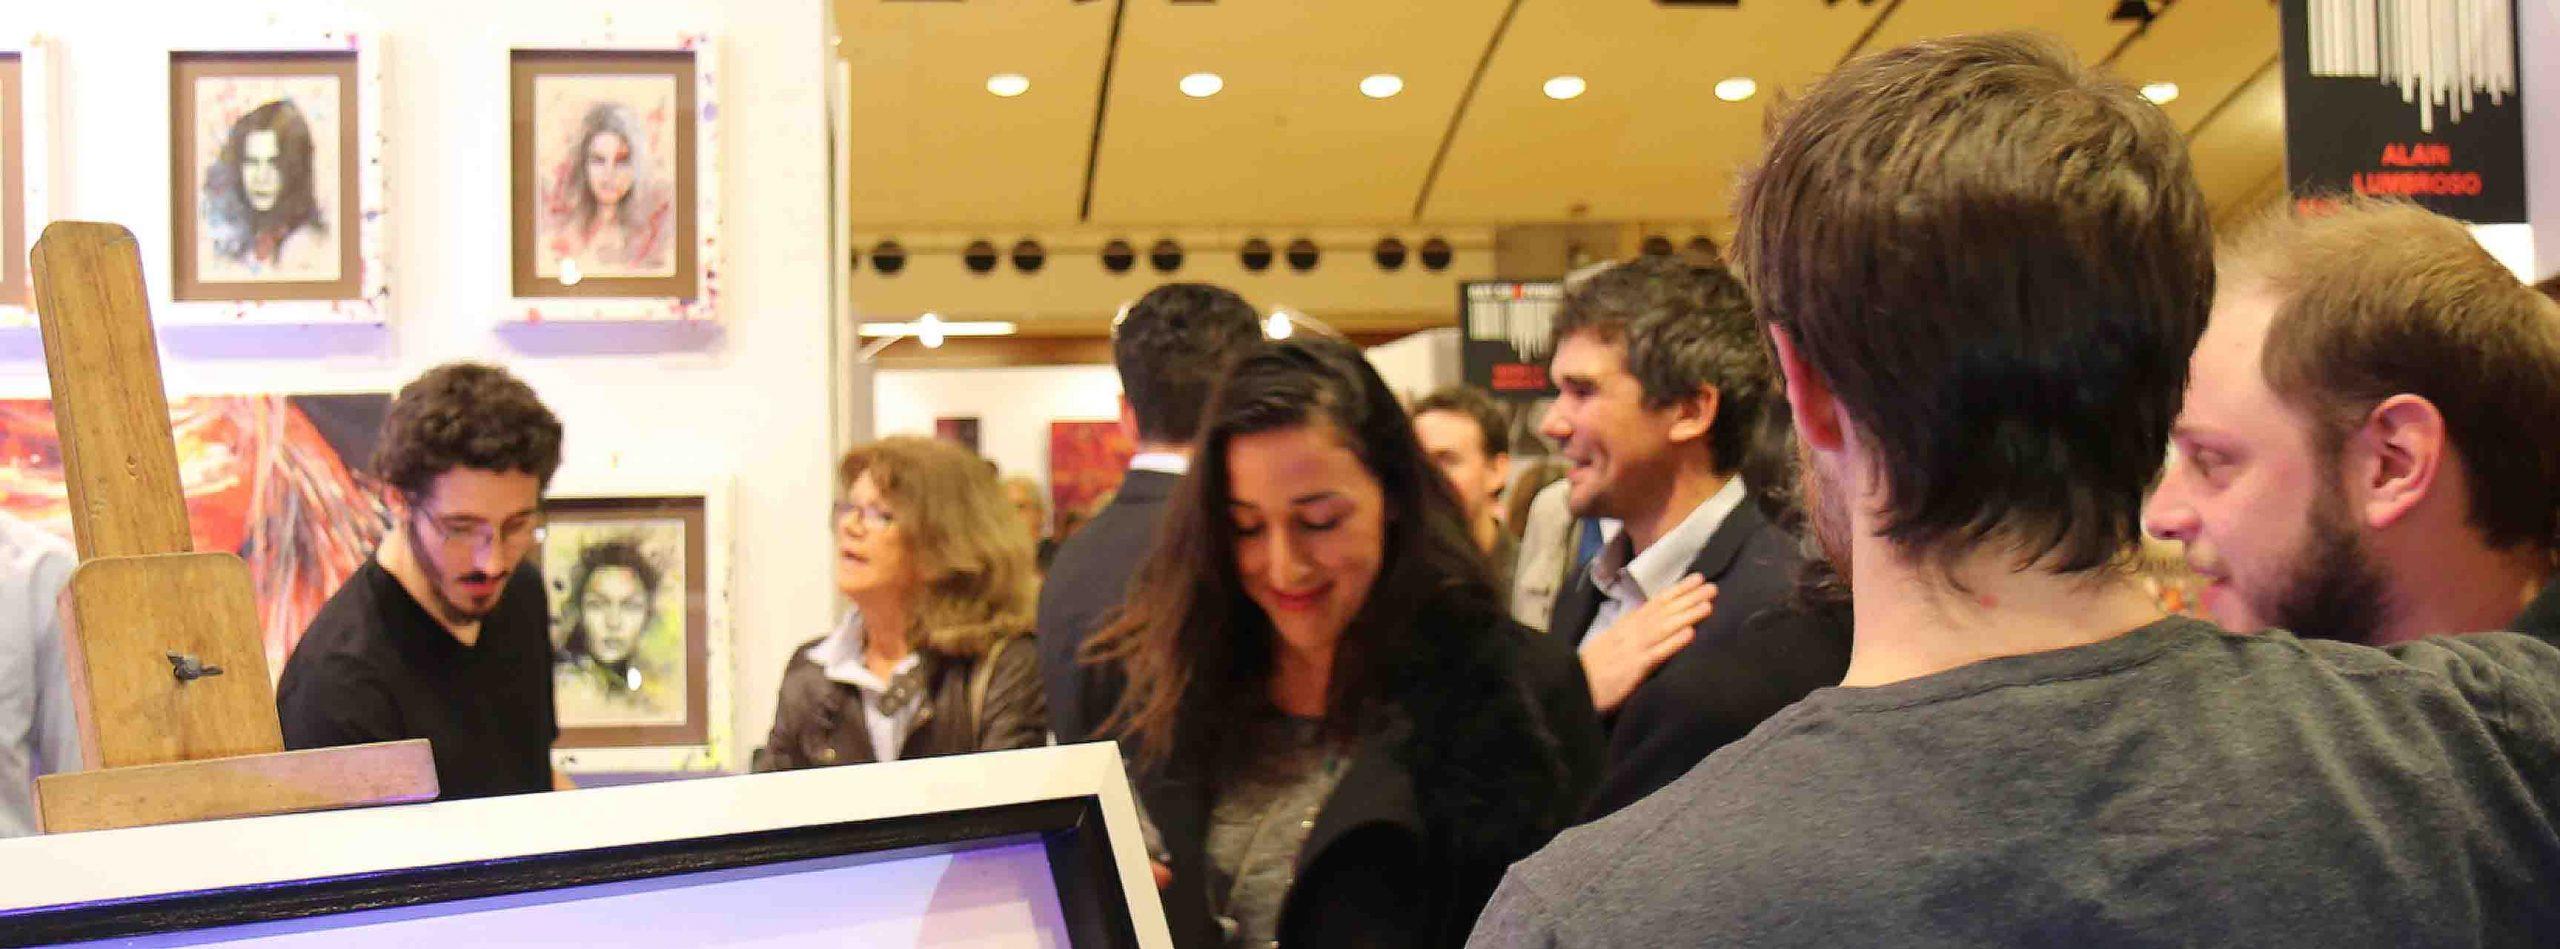 expositions au salon 2014 du carrousel du louvre